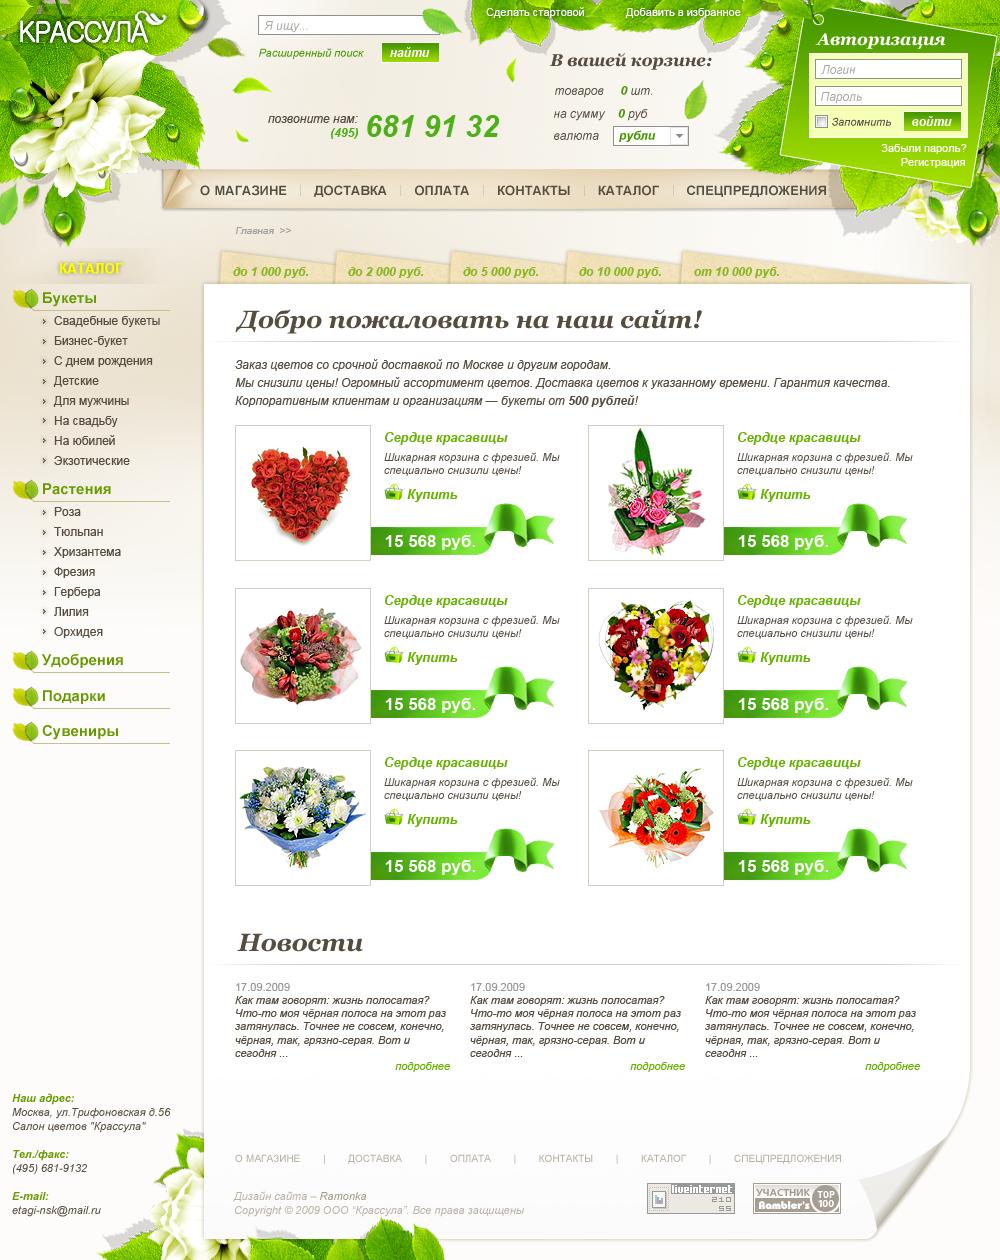 Разработка логотипа, дизайна сайта и его HTML верстка для службы срочной доставки цветов в Москве Крассула